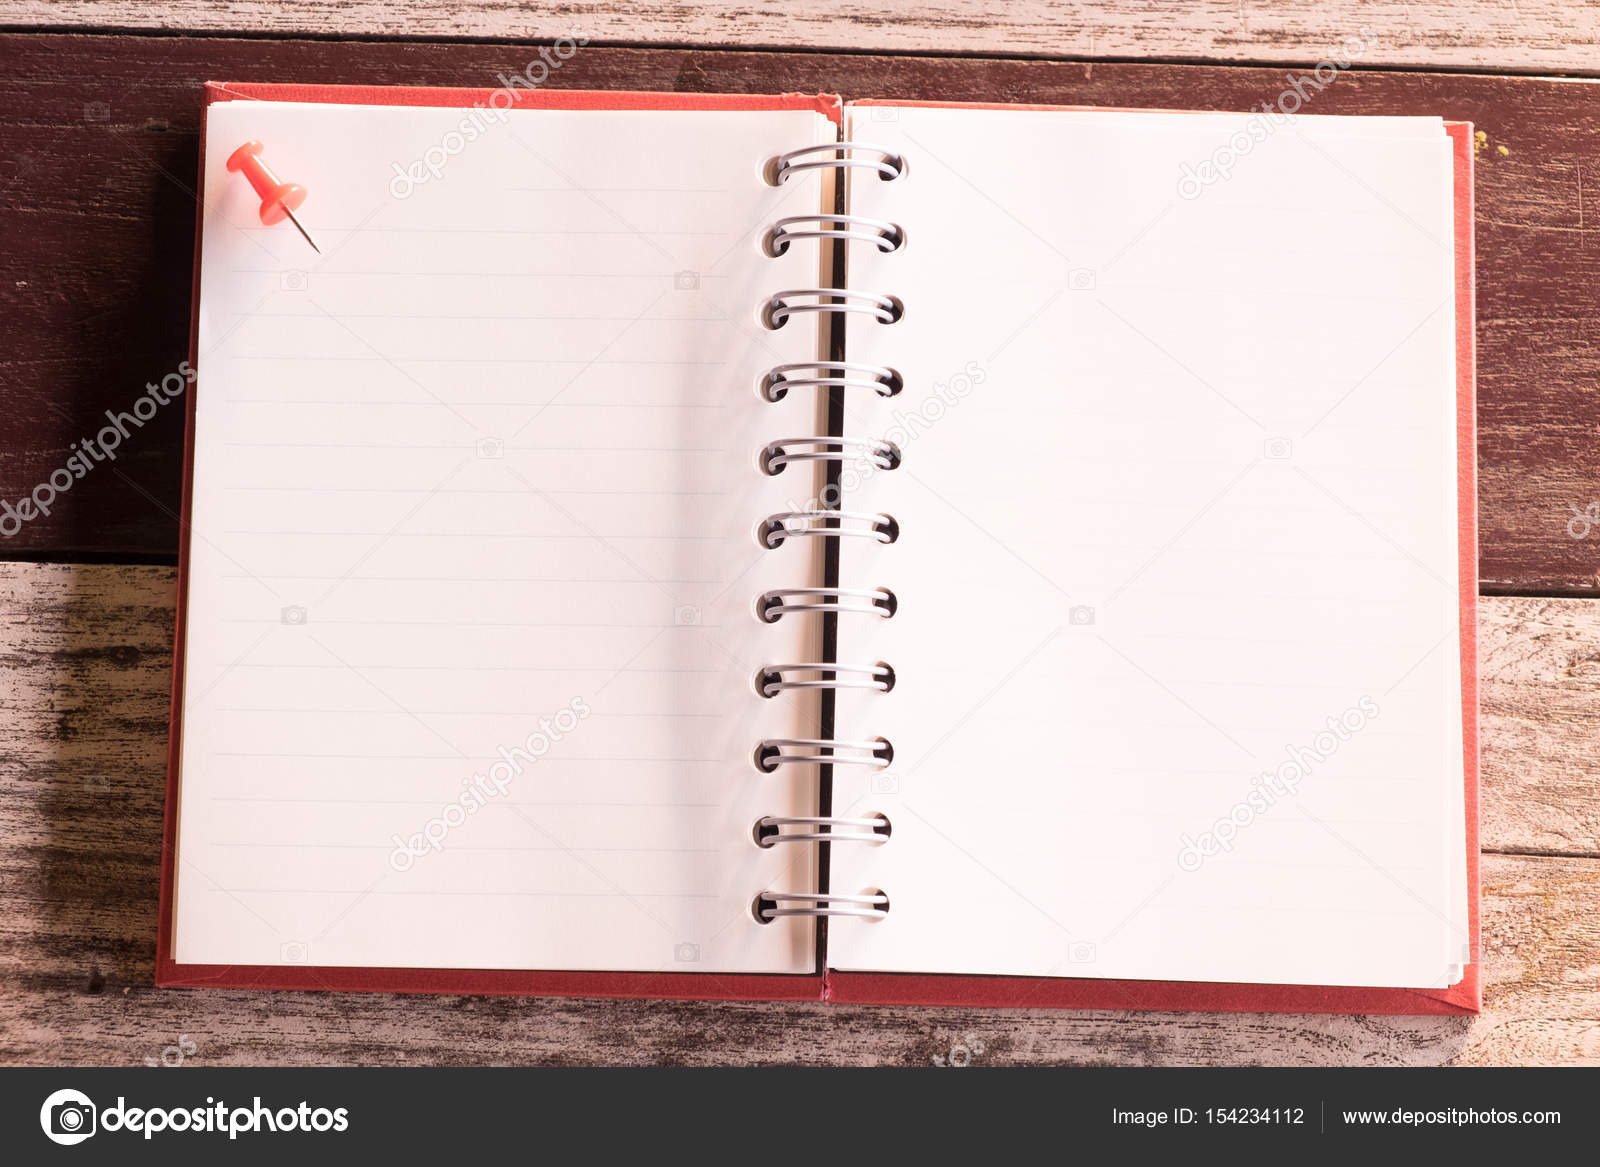 a2bcead89a6 Ansicht von oben und warmen Ton. kleiner Stift oben leer Notebook rote  Abdeckung aufsetzen. alte hölzerne sind Hintergrund. Dieses Bild für  Wirtschaft, ...